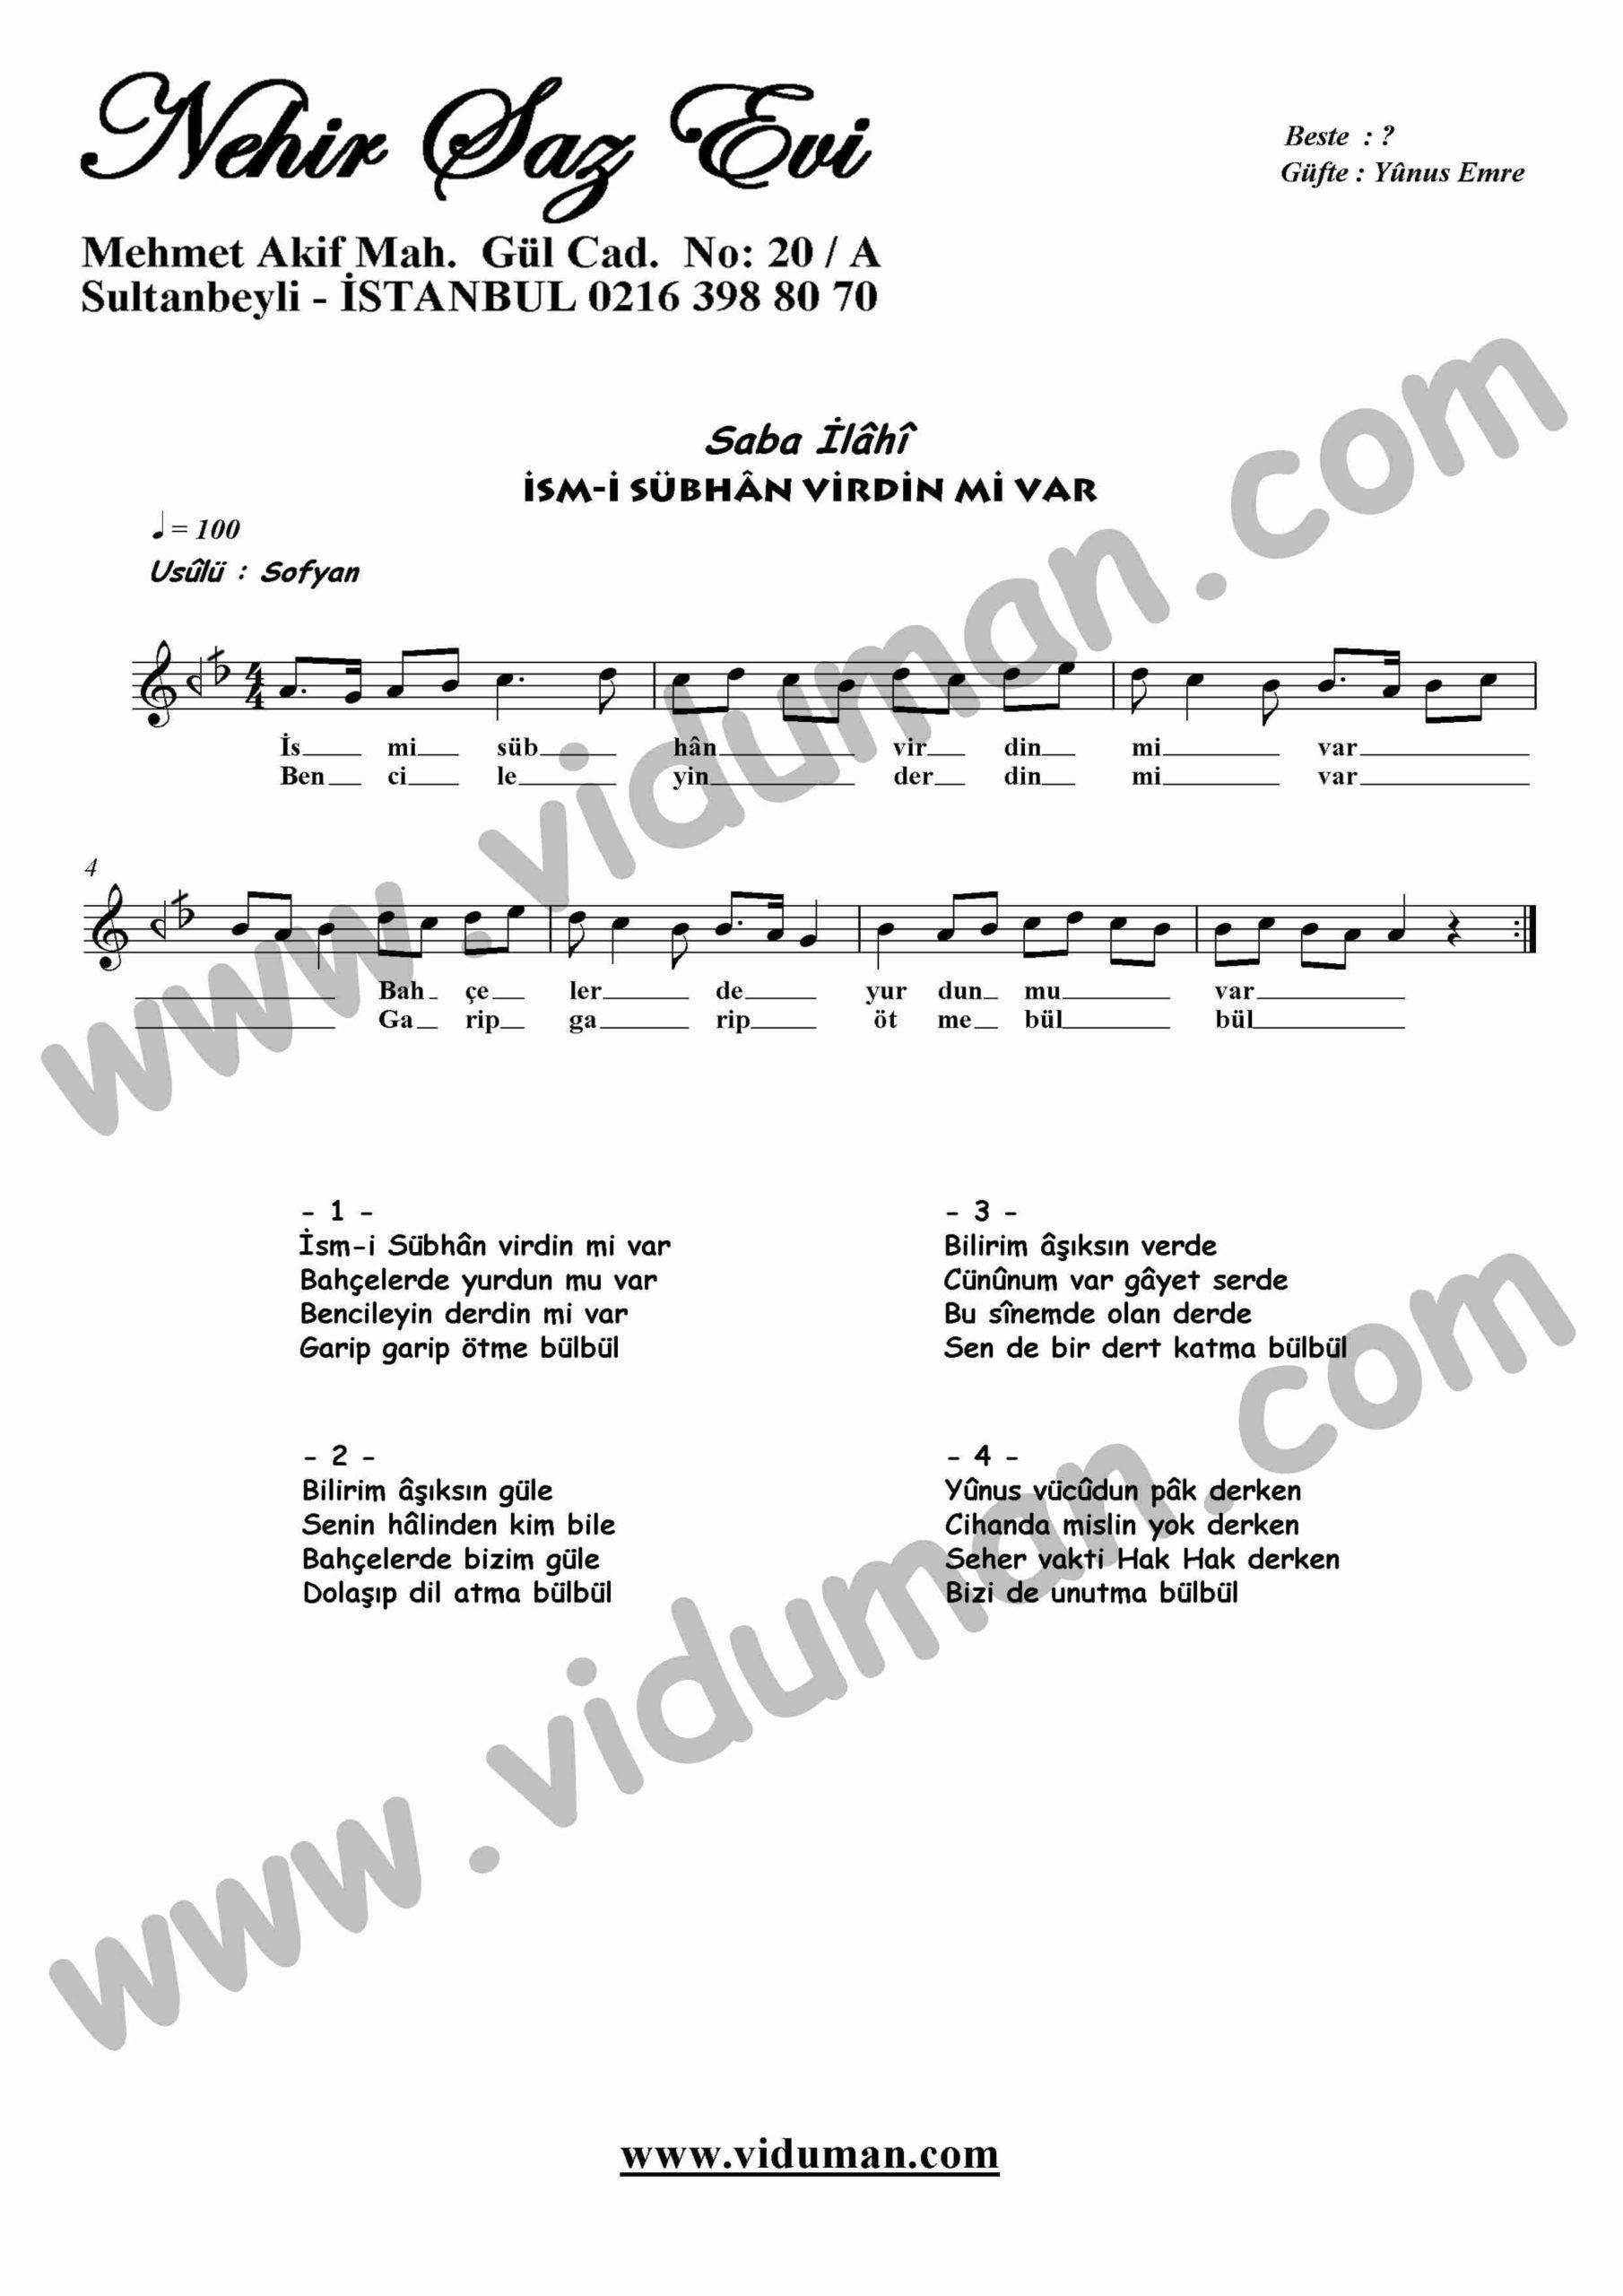 Ismi Subhan Virdin Mi Var-Ney-Ilahi-Notalari